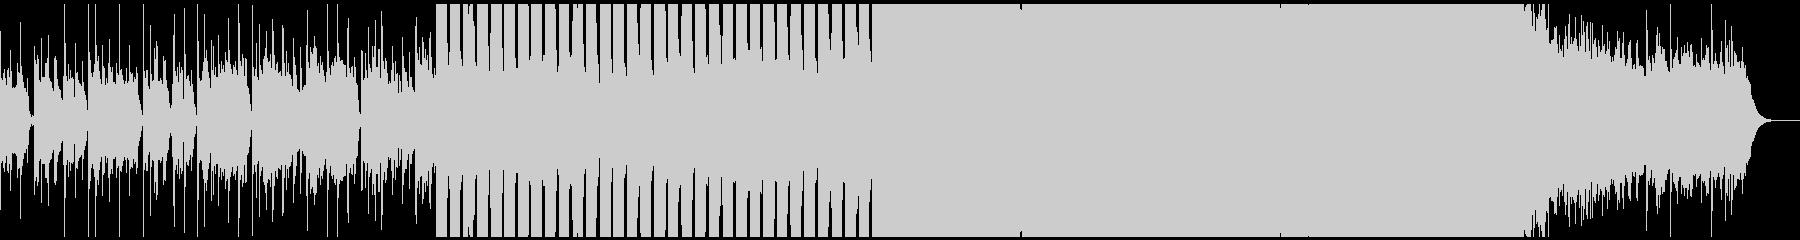 緊張感のあるエレクトロハウスの未再生の波形